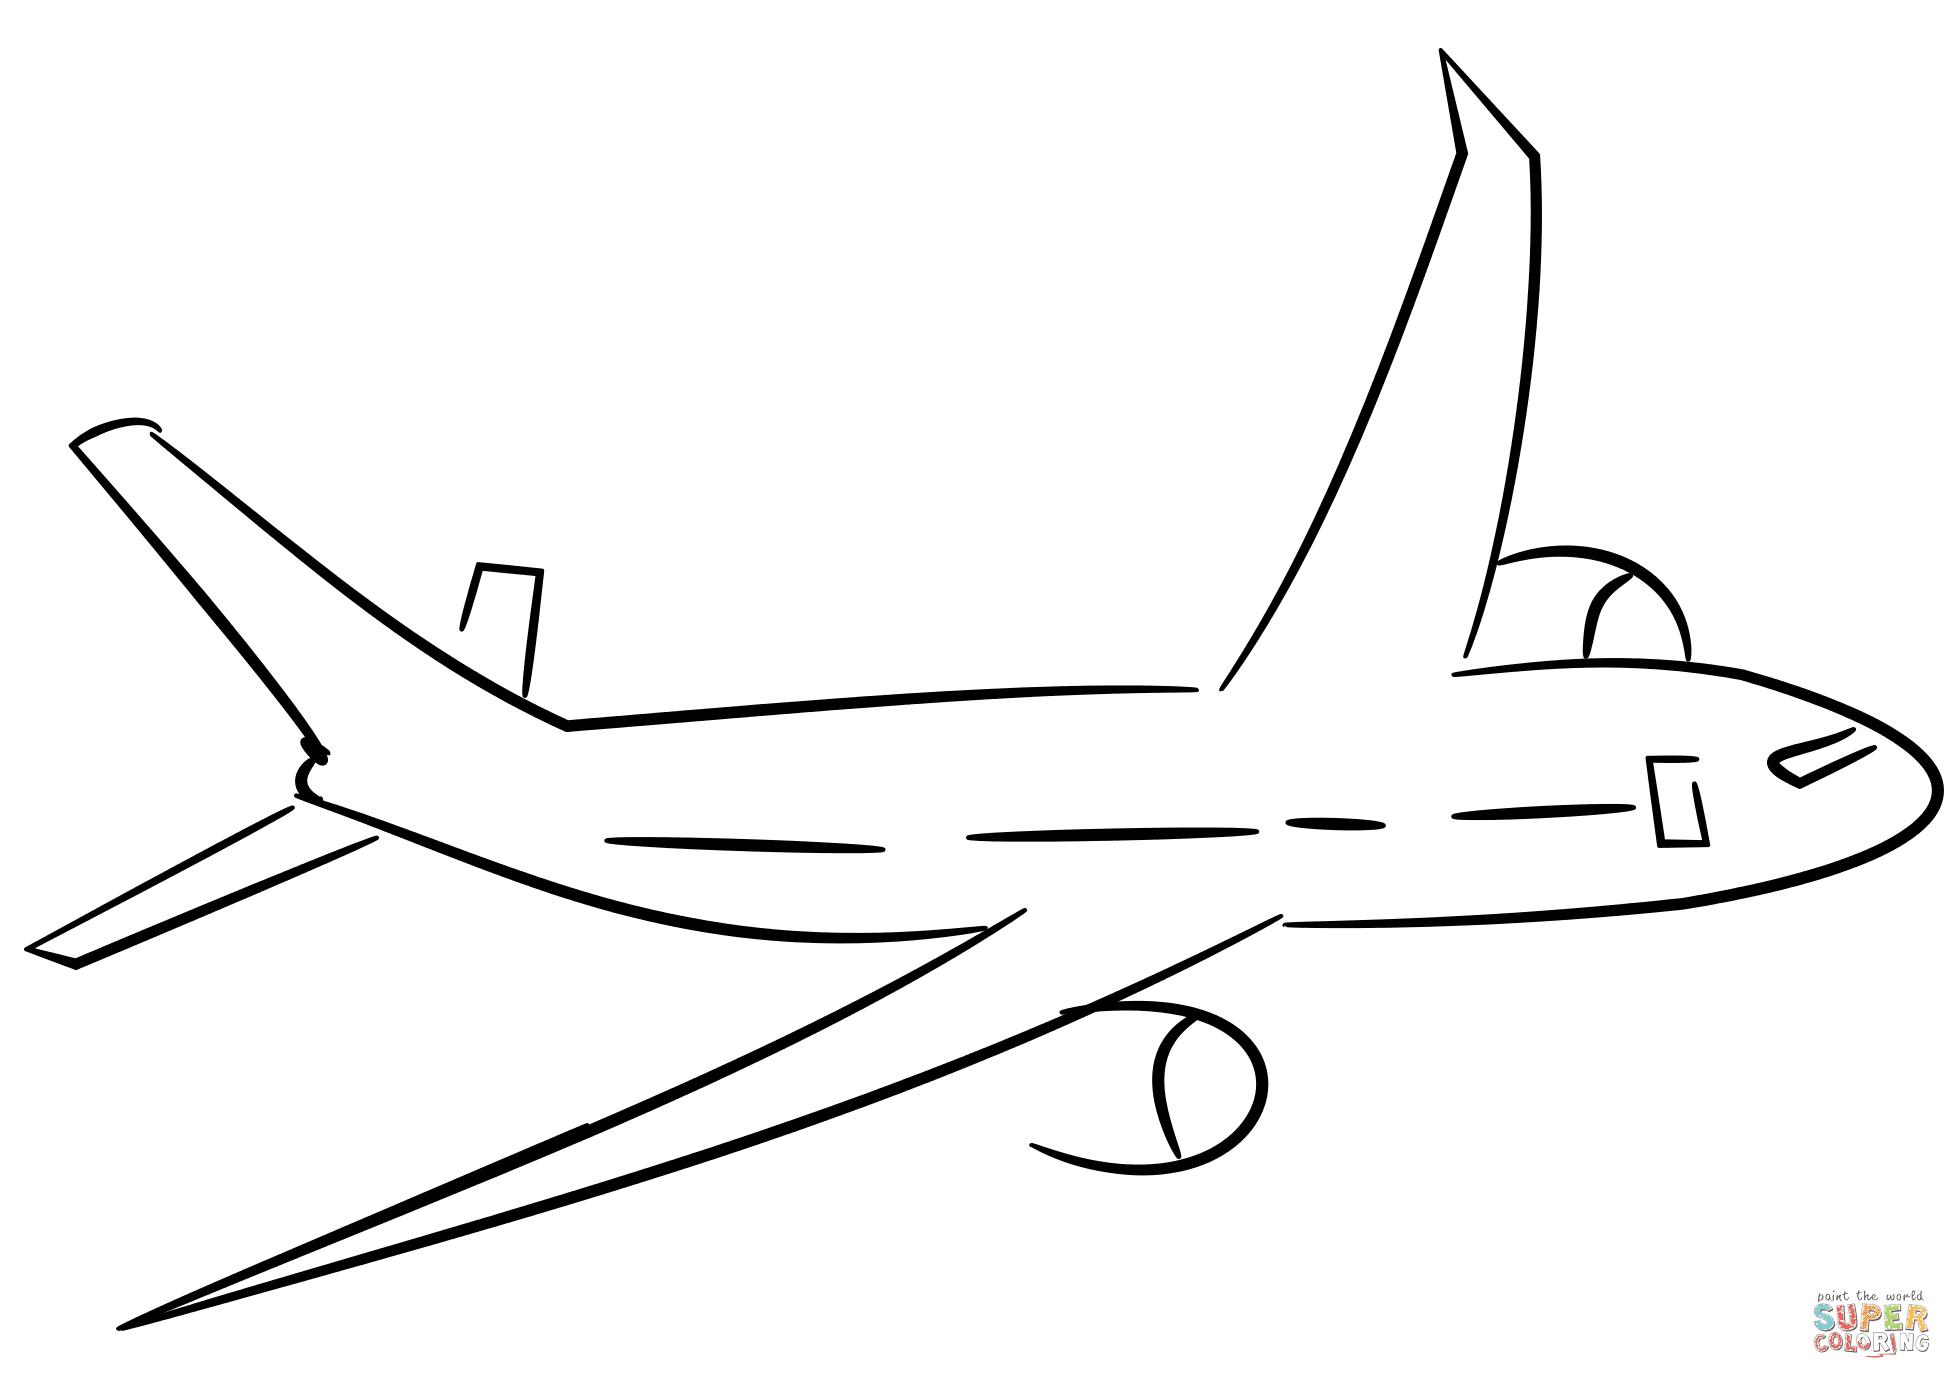 Dibujo De Avión Para Colorear Dibujos Para Colorear Imprimir Gratis